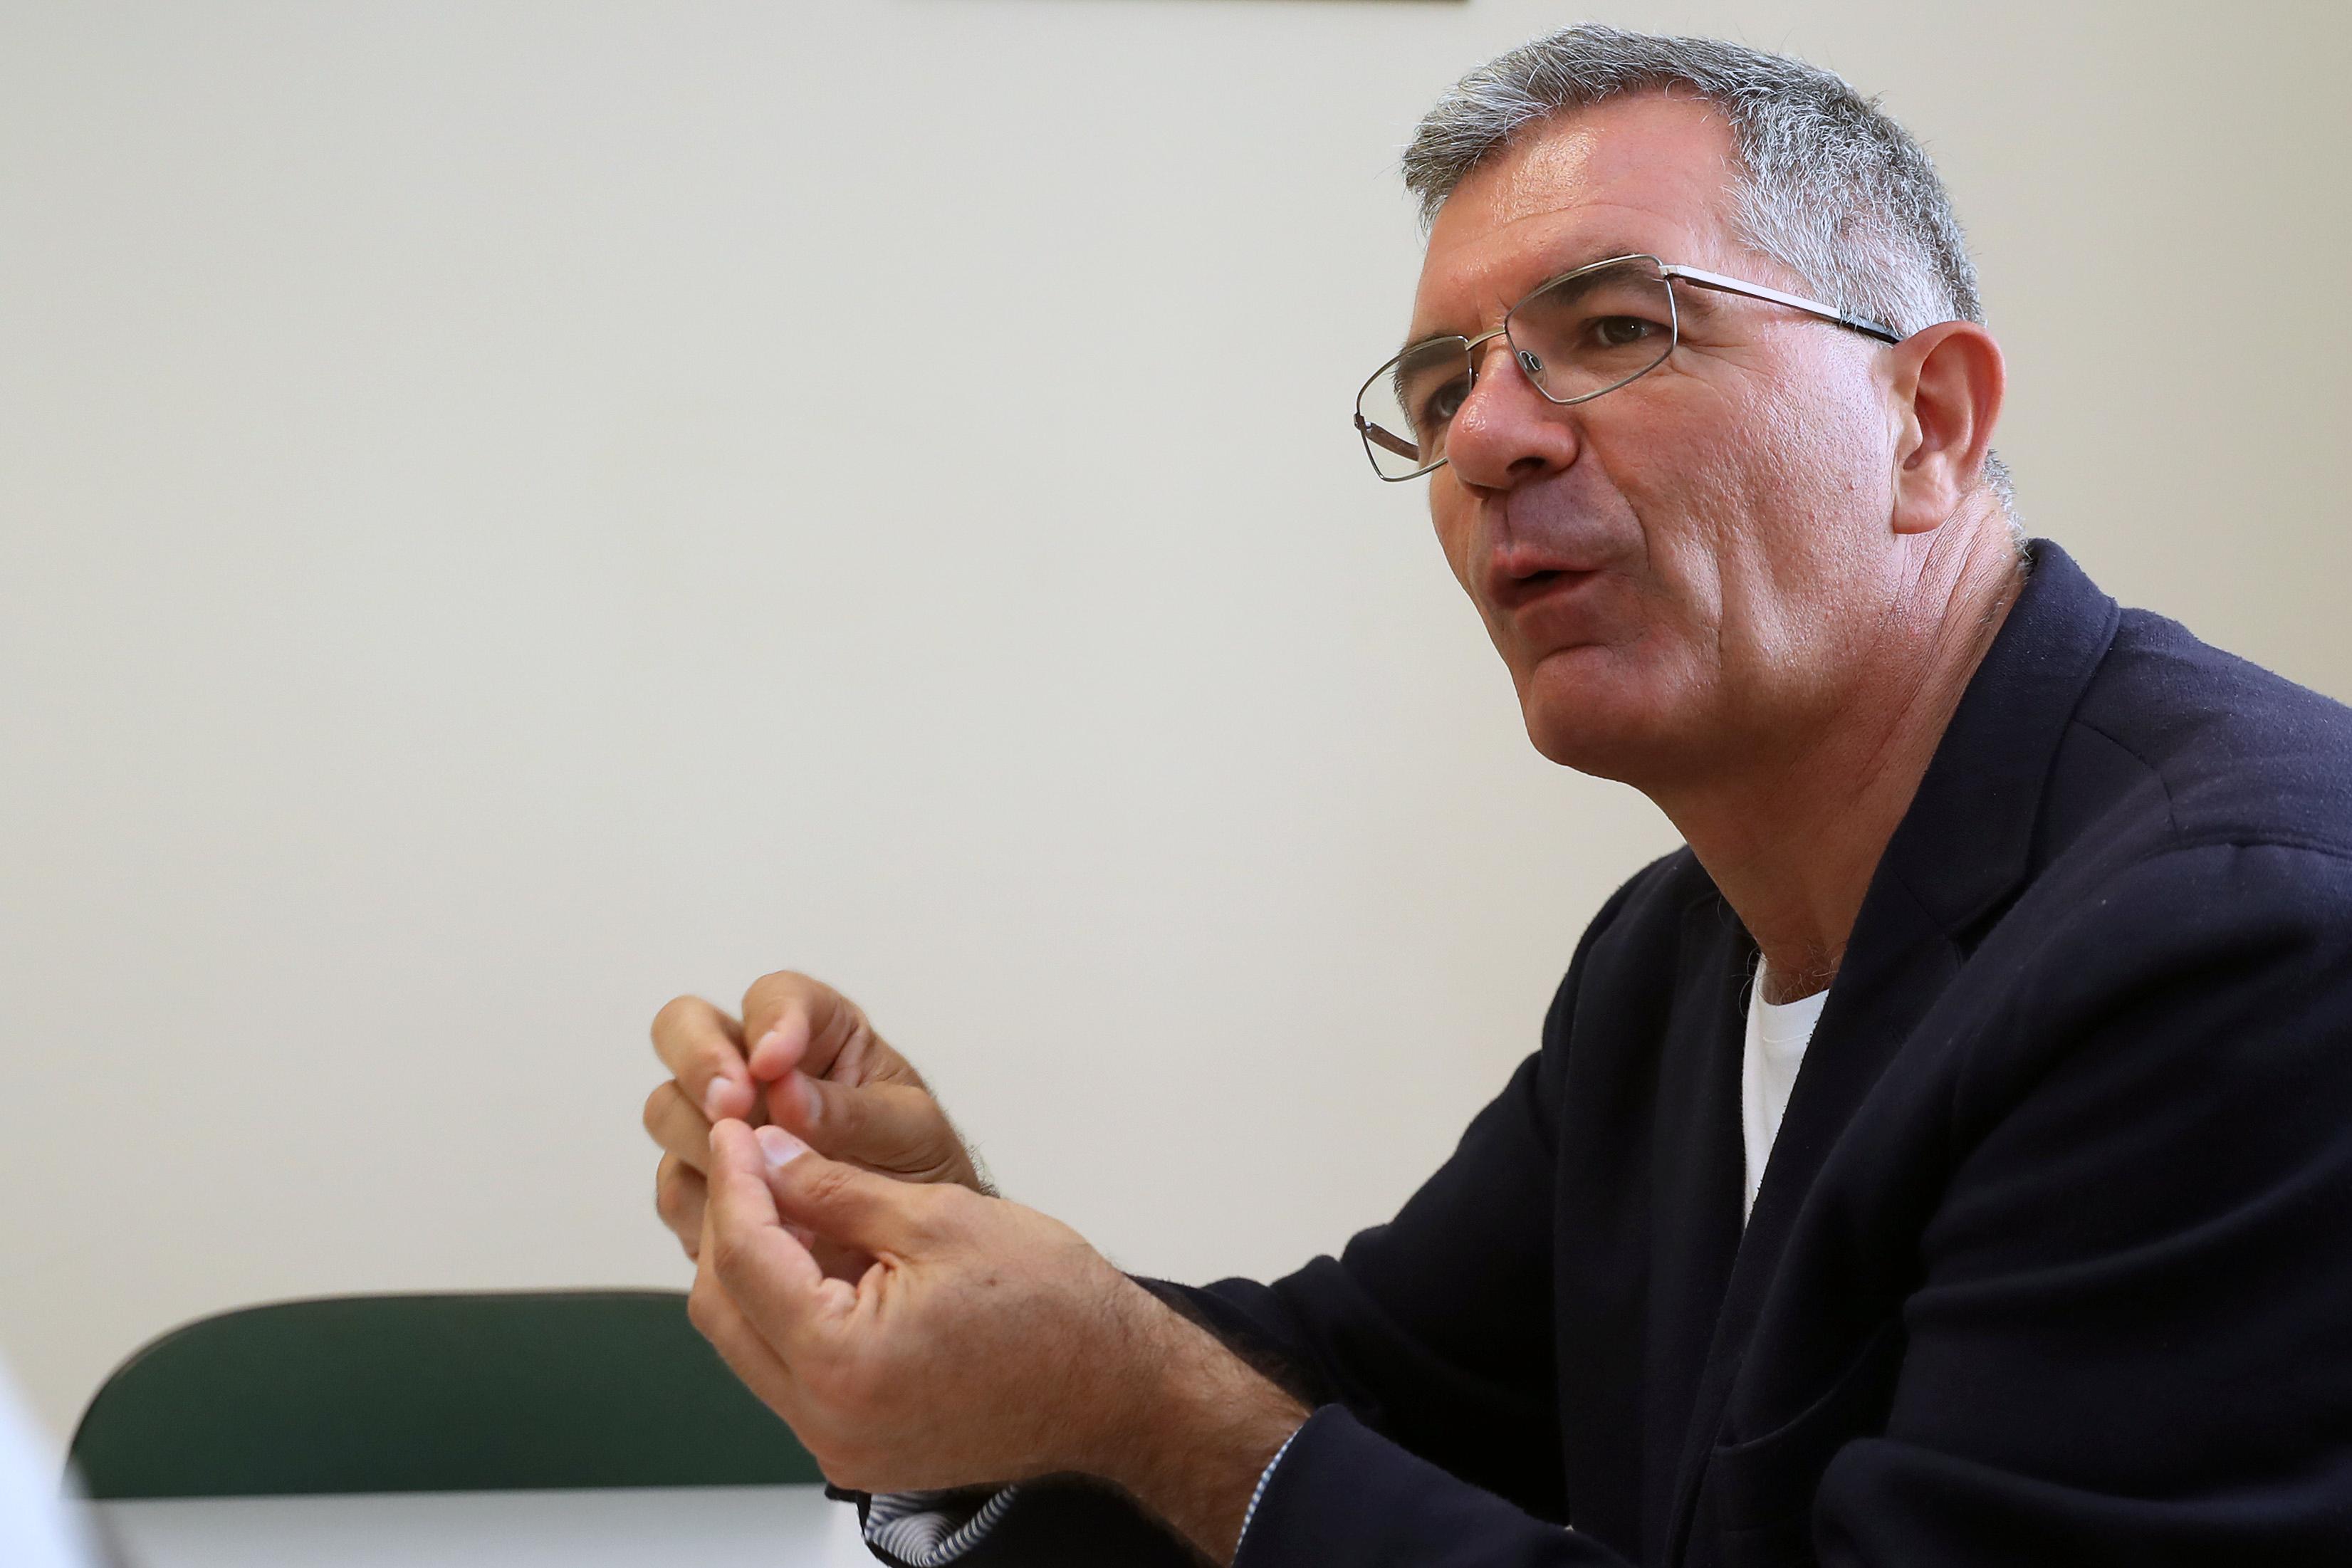 Eleições na Madeira: CDU quer mais força para dar novo rumo à autonomia